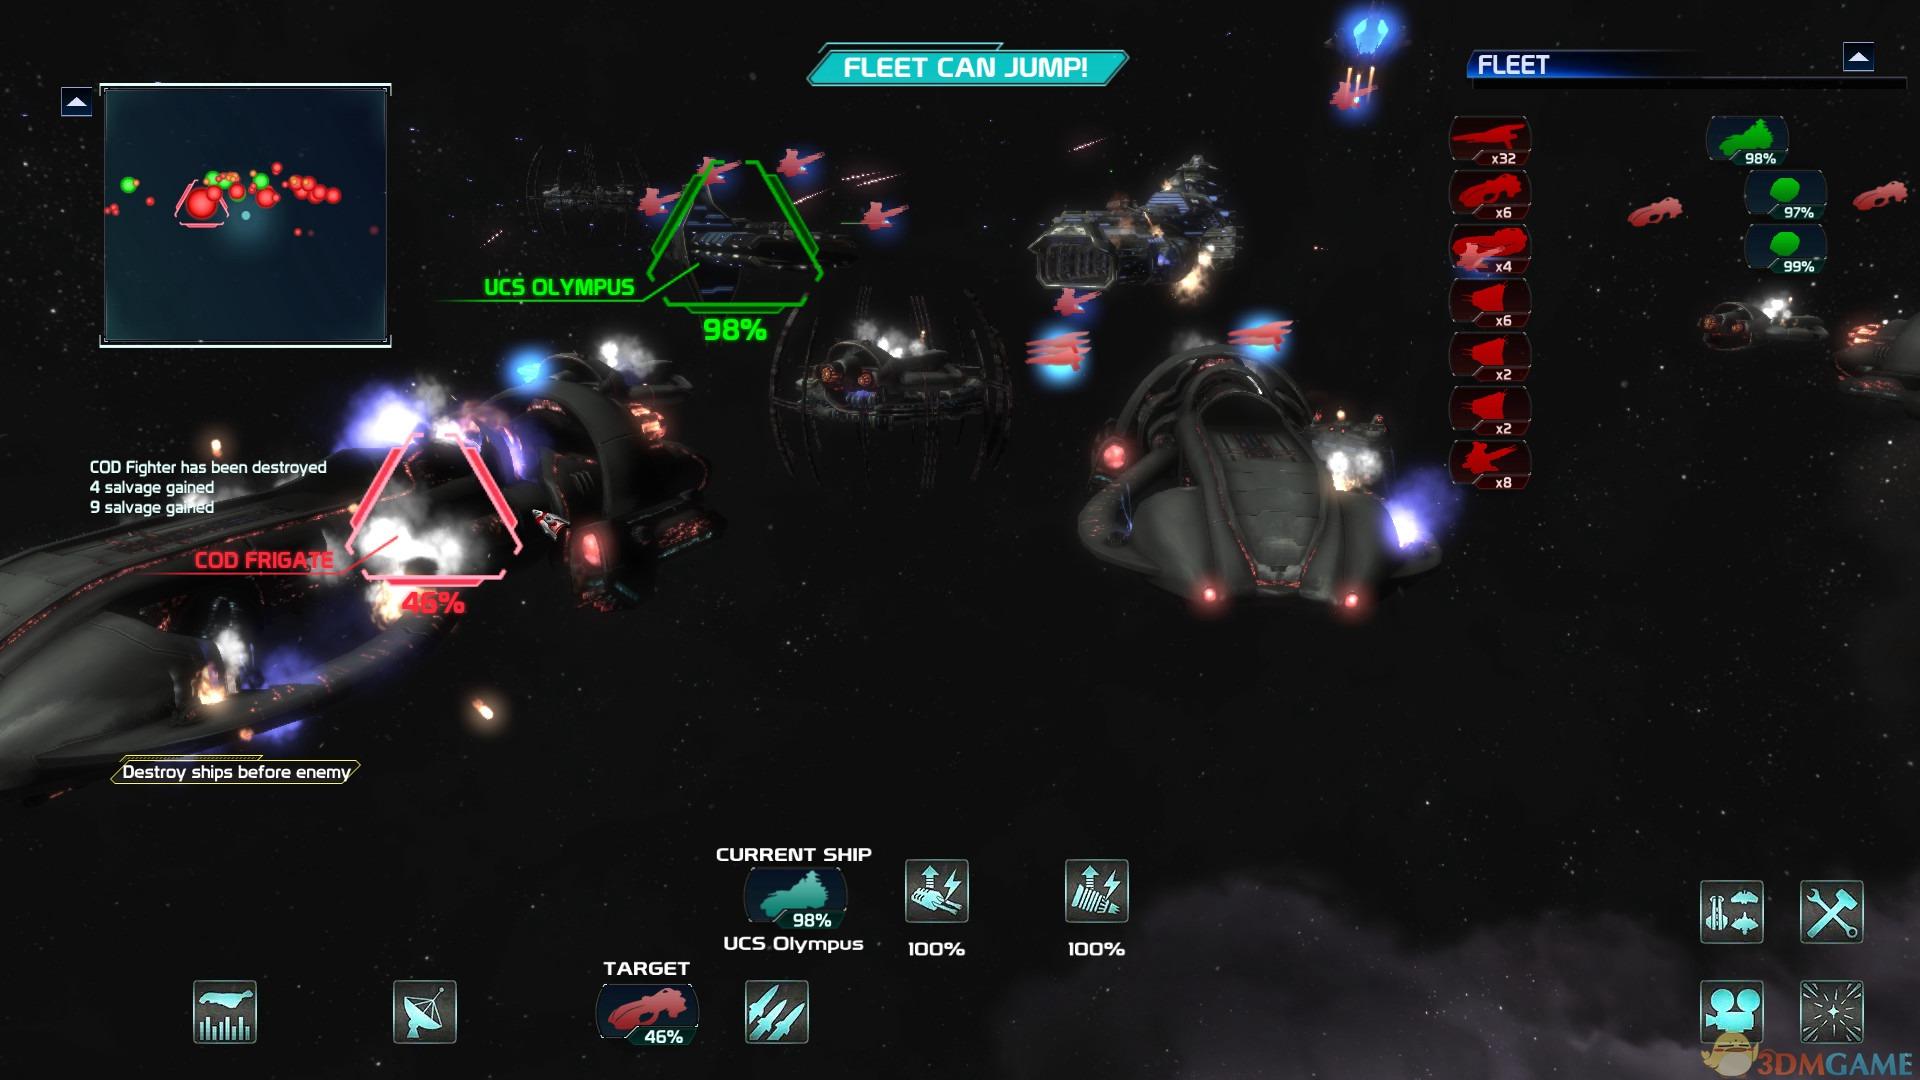 《索尔战舰(The Fleets of Sol)》是Bit Planet Games, LLC制作发行的一款即时战略生存游戏。在游戏中玩家将管理一支太空舰队在星域与星域之间穿越并且与穷追不舍的敌人交战。玩家可以雇佣平民,发展壮大你的舰队规模以增加你的生存几率。